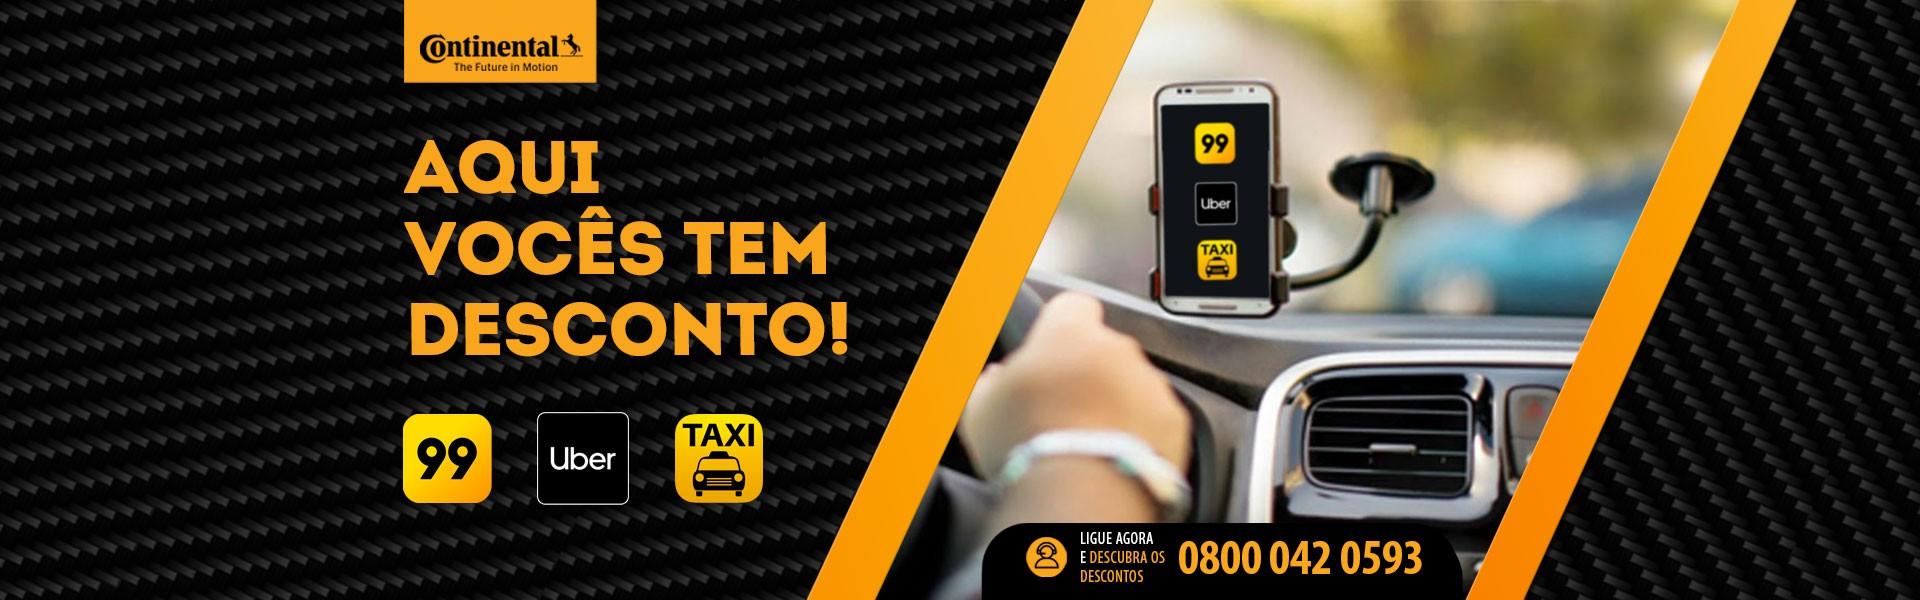 Desconto para Uber, 99 e Taxi